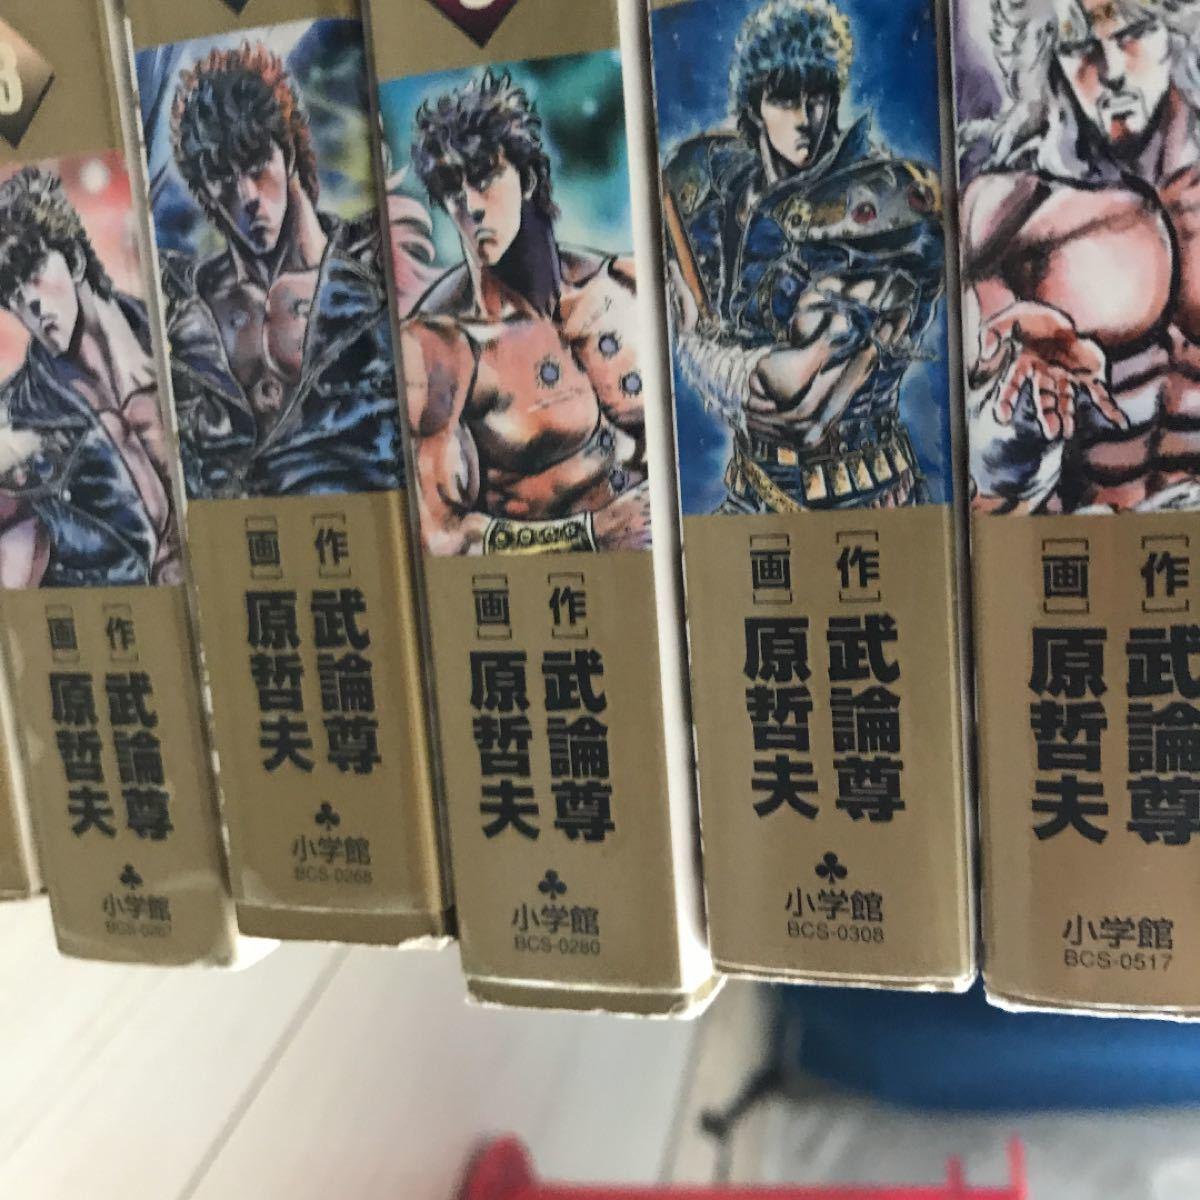 全巻セット 中古その他コミック 北斗の拳 完全版 全14巻セット / 原哲夫